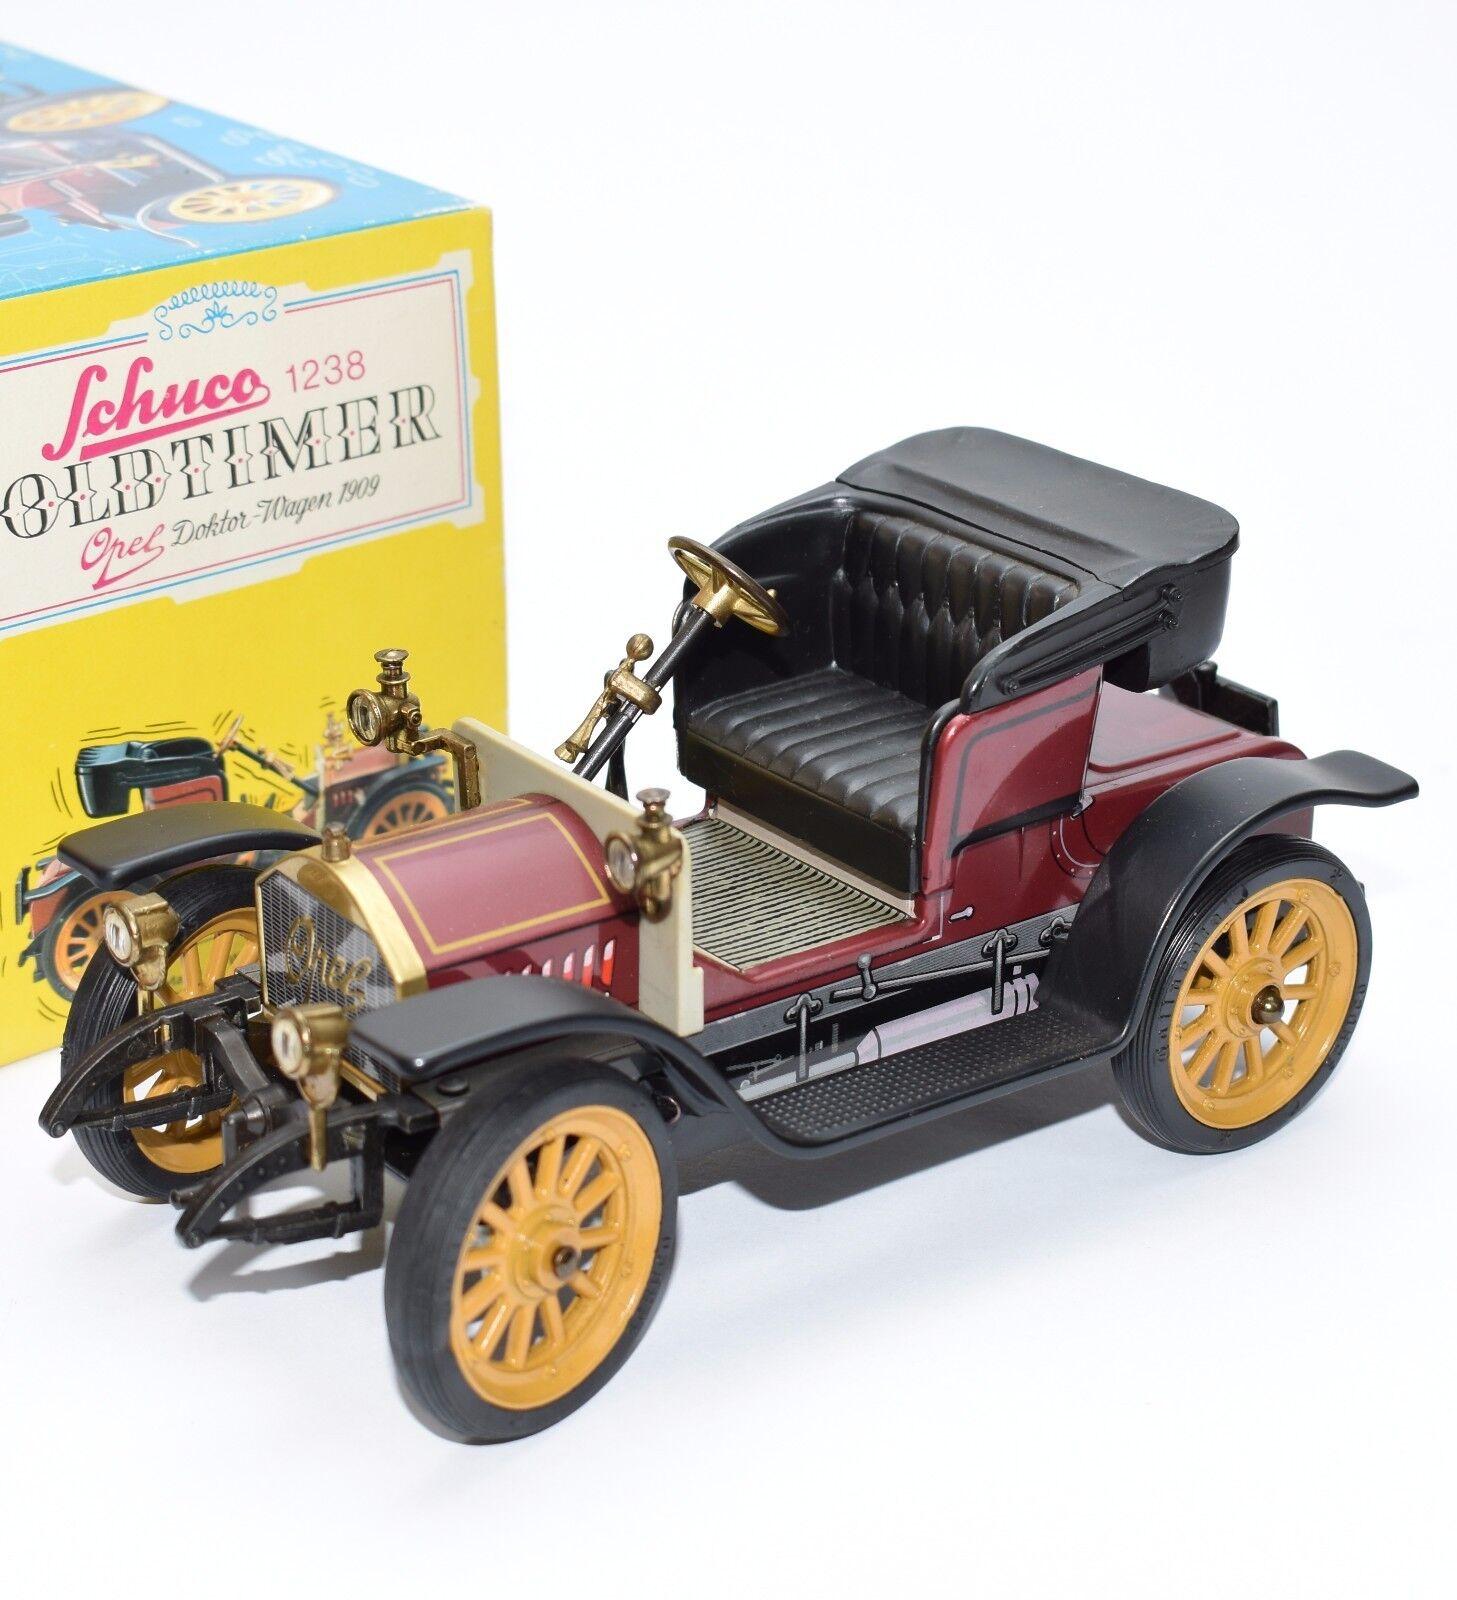 Entrega rápida y envío gratis en todos los pedidos. SCHUCO SCHUCO SCHUCO RAR 1238 limitada coche replica lata vintage coche Opel consultorio en 1909, OVP B309  tienda de pescado para la venta